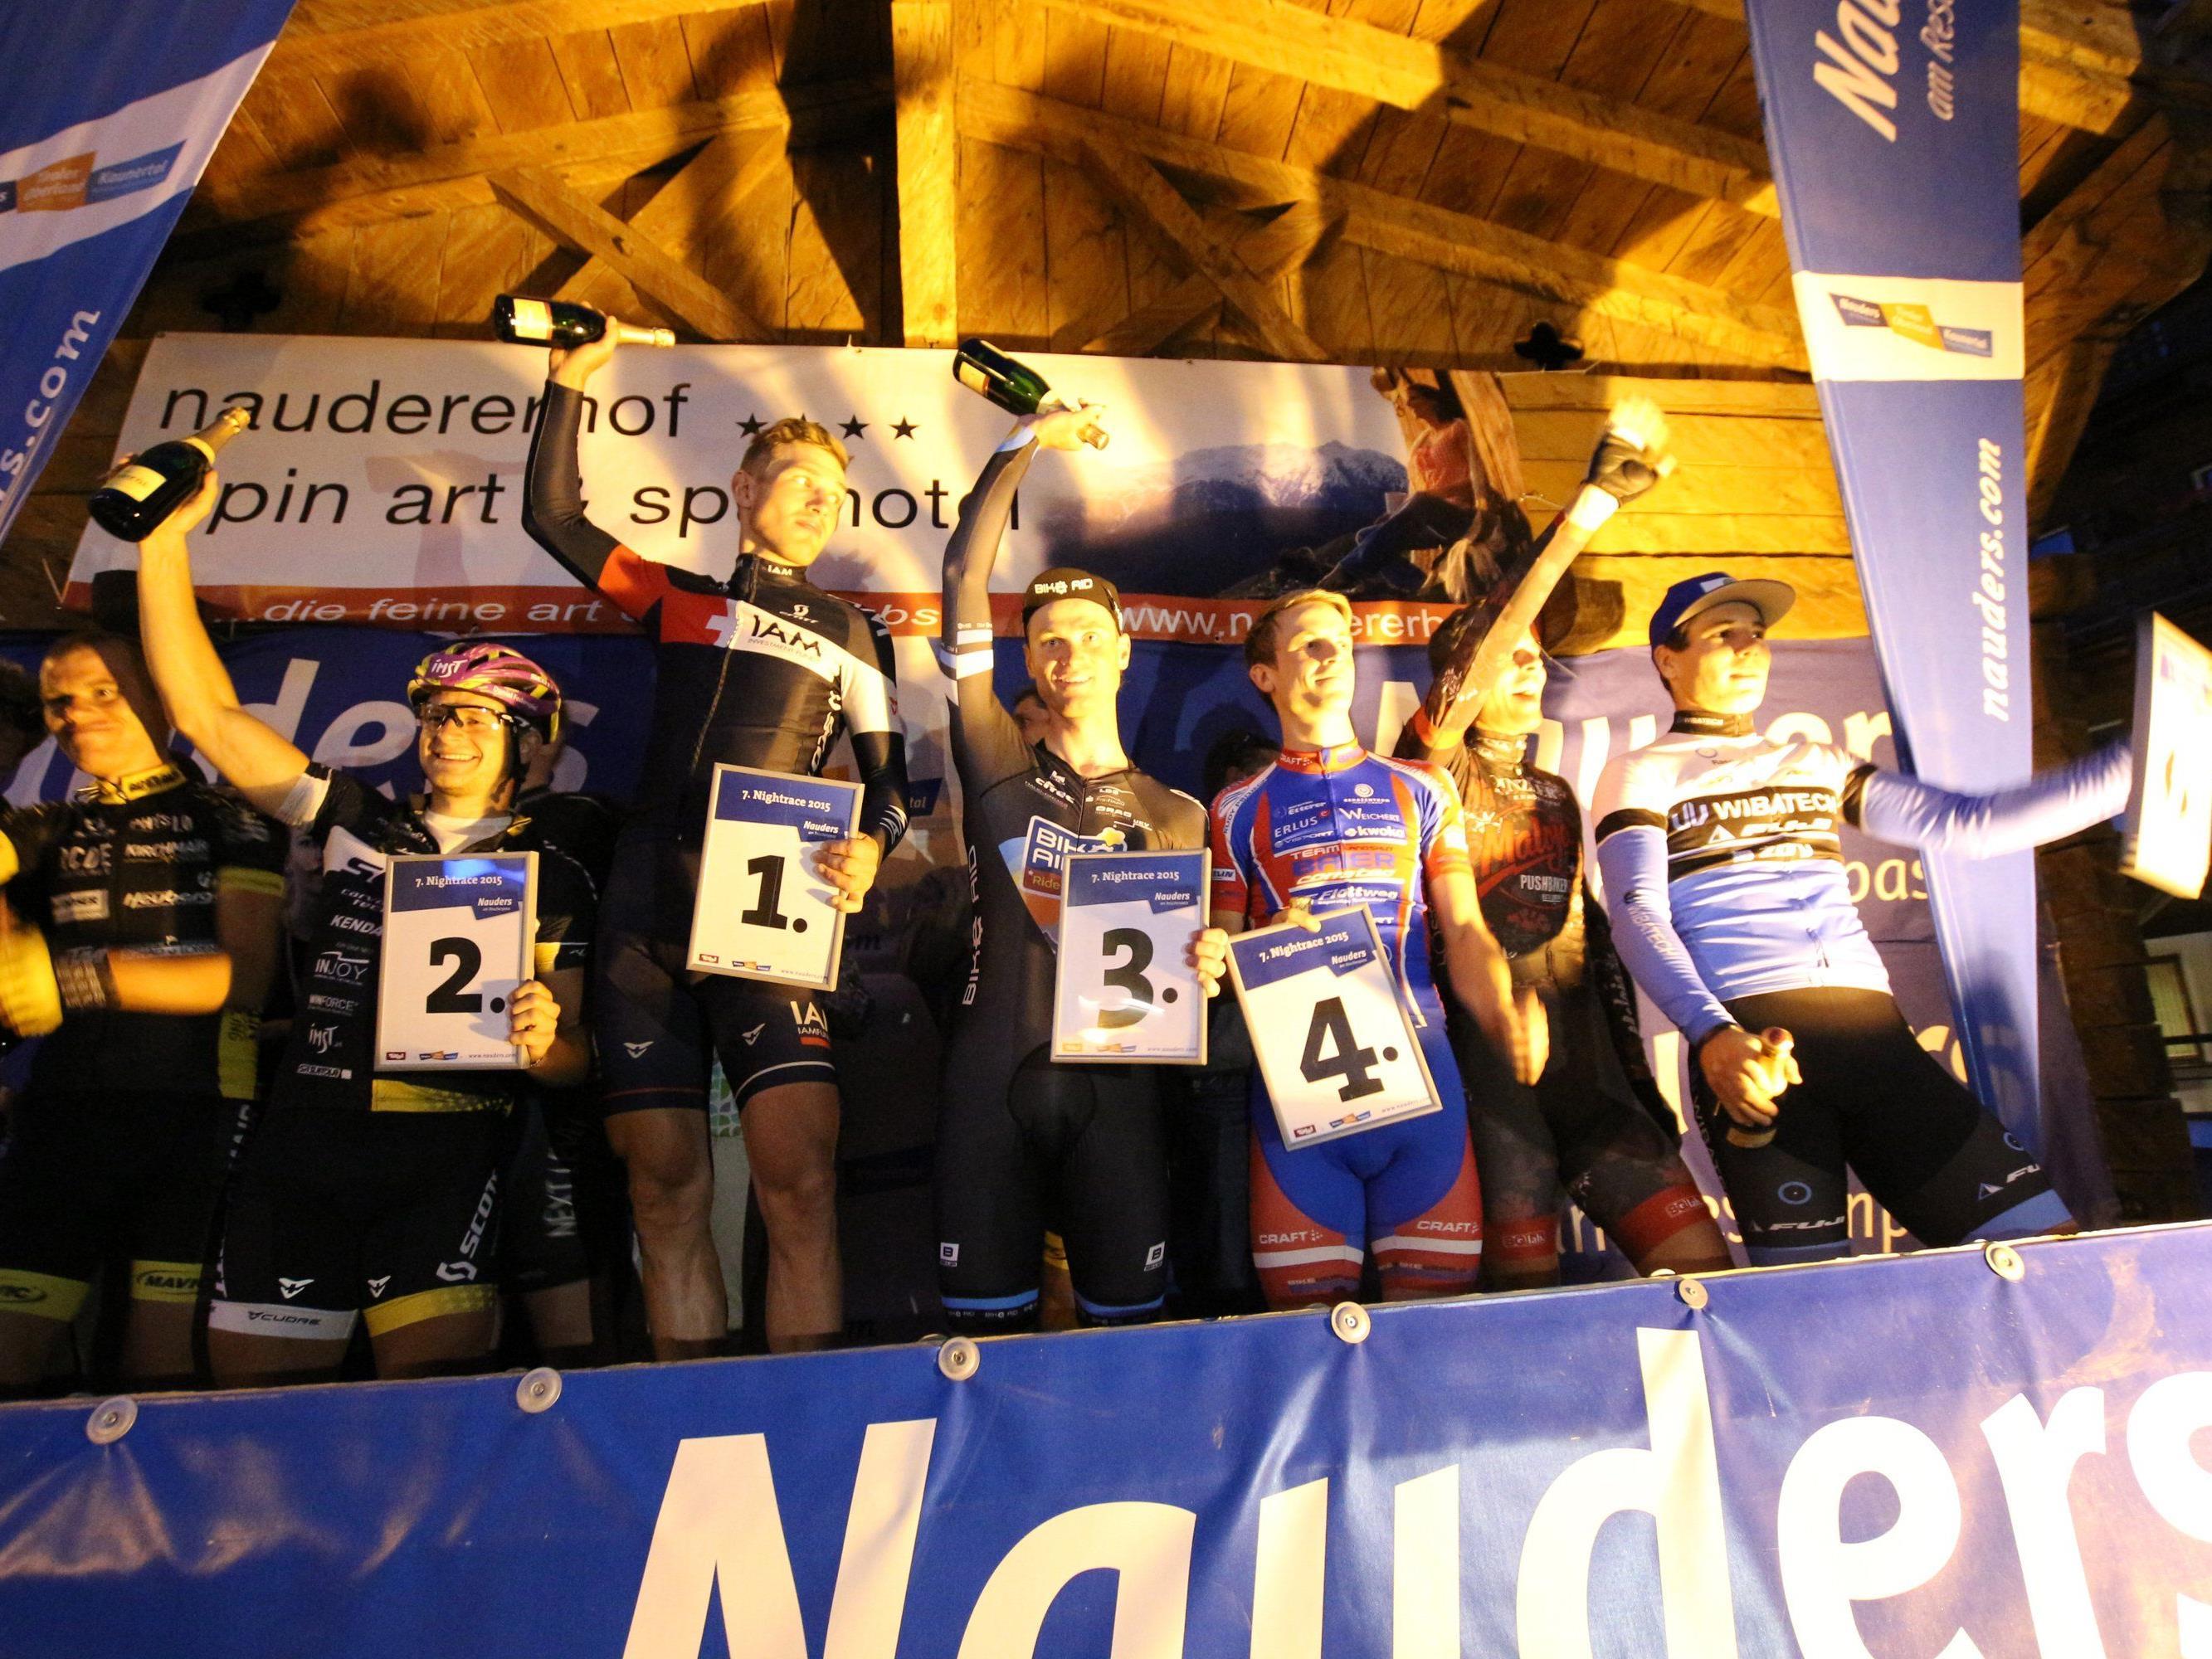 Der Hohenemser Mathias Brändle gewinnt wie im Vorjahr das Night Race in Nauders